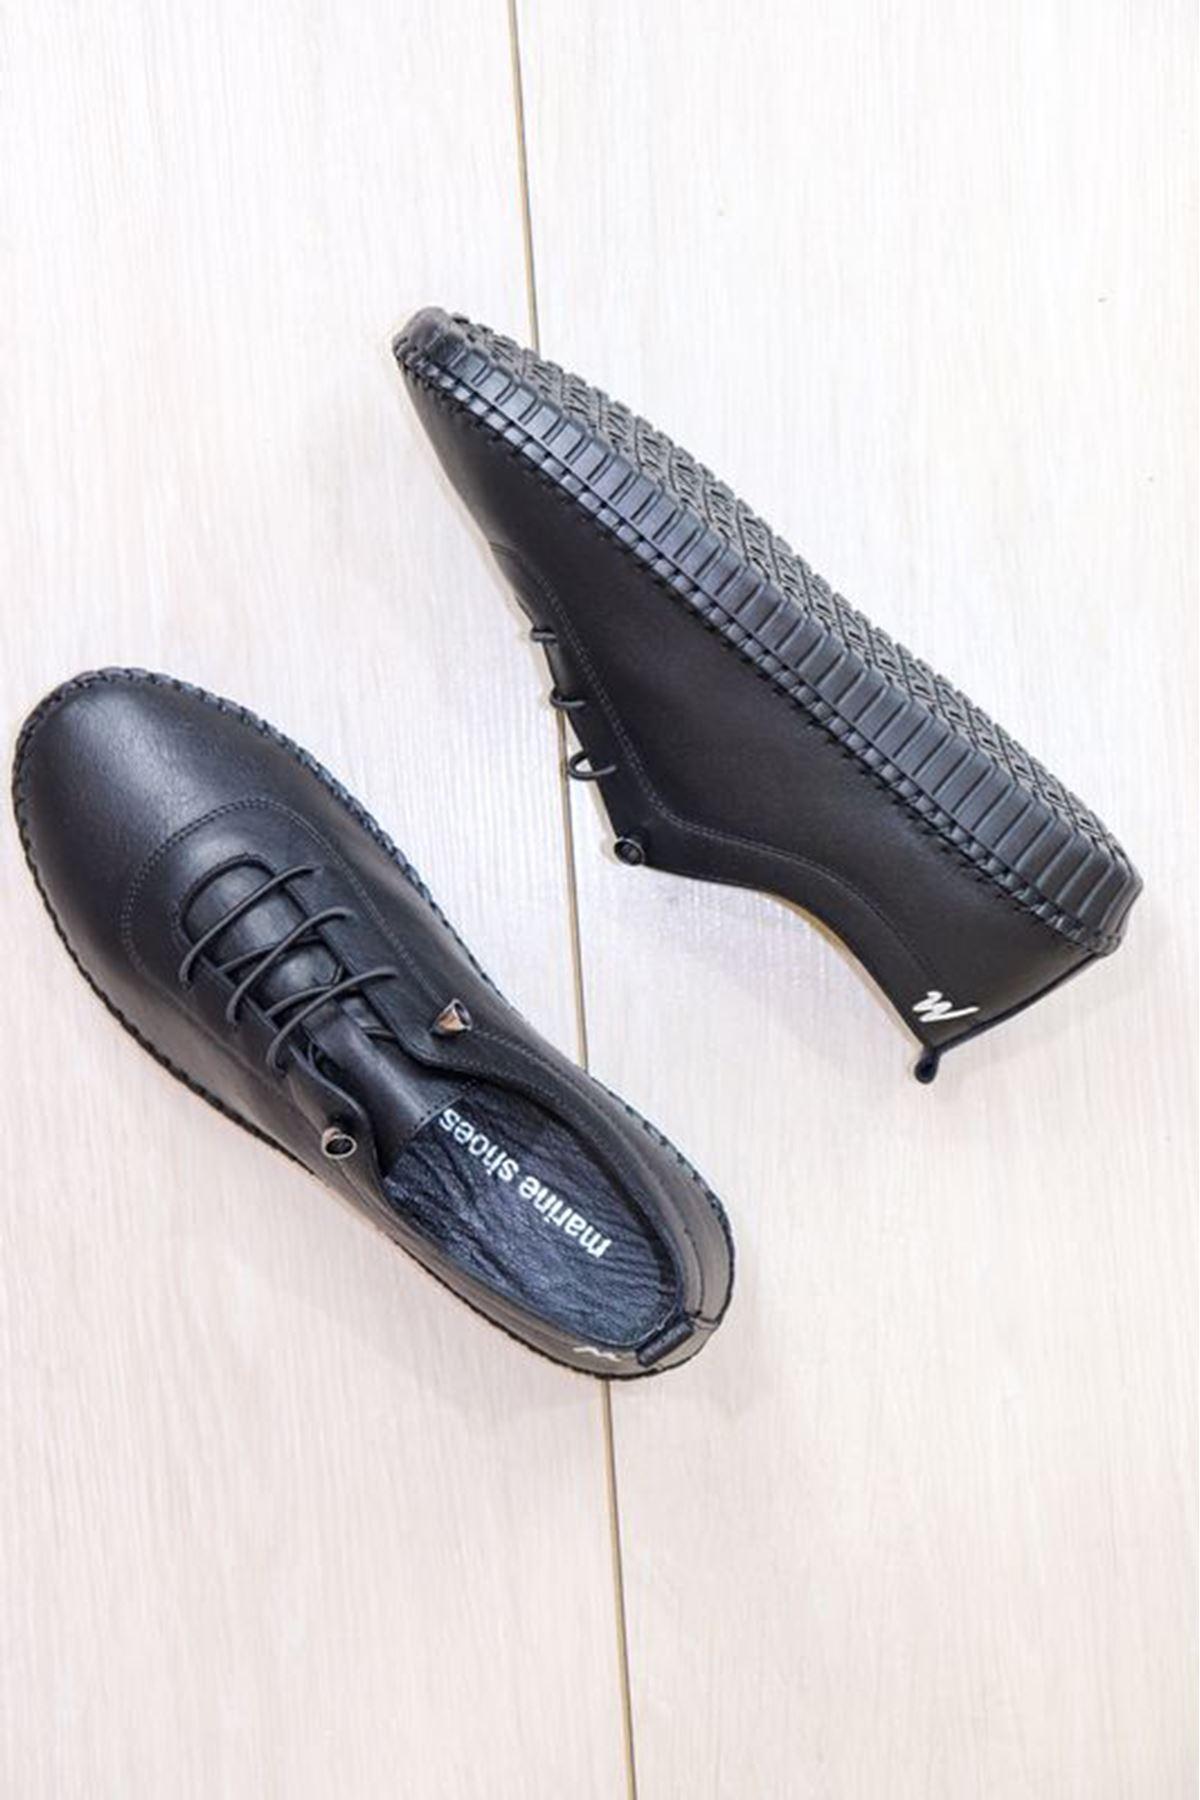 Marine Shoes - 21Y - 094 - 296 Siyah Hakiki Deri Kadın Ayakkabısı